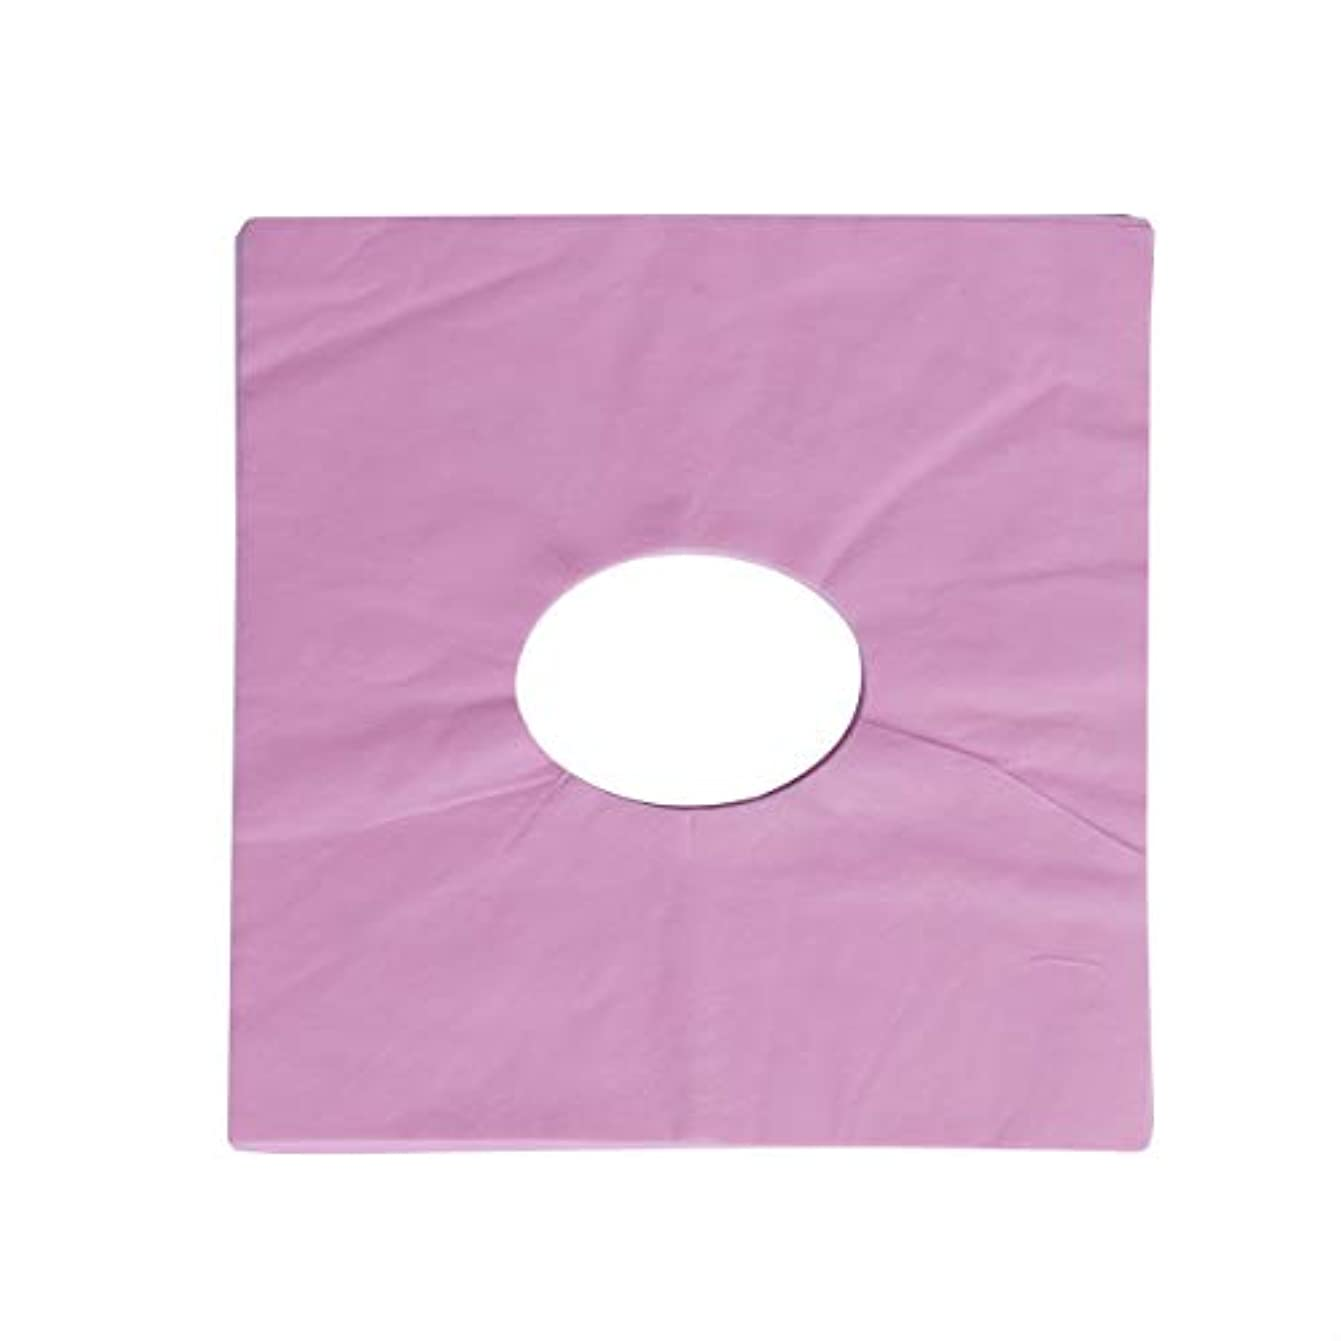 真珠のような将来のモトリーSUPVOX 100ピース使い捨てマッサージフェイスクレードルカバーフェイスマッサージヘッドレストカバー用スパ美容院マッサージ(ピンク)